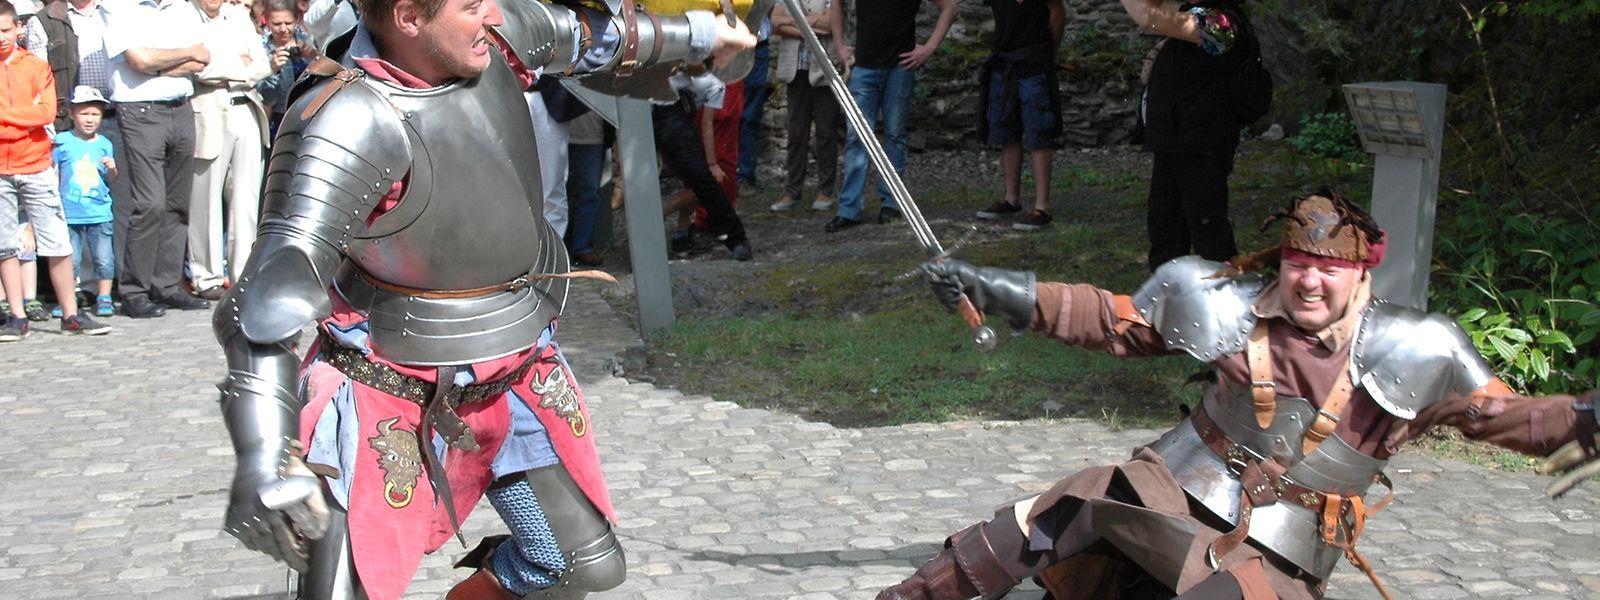 Spektakuläre Ritterkämpfe faszinieren die Besucher immer wieder.